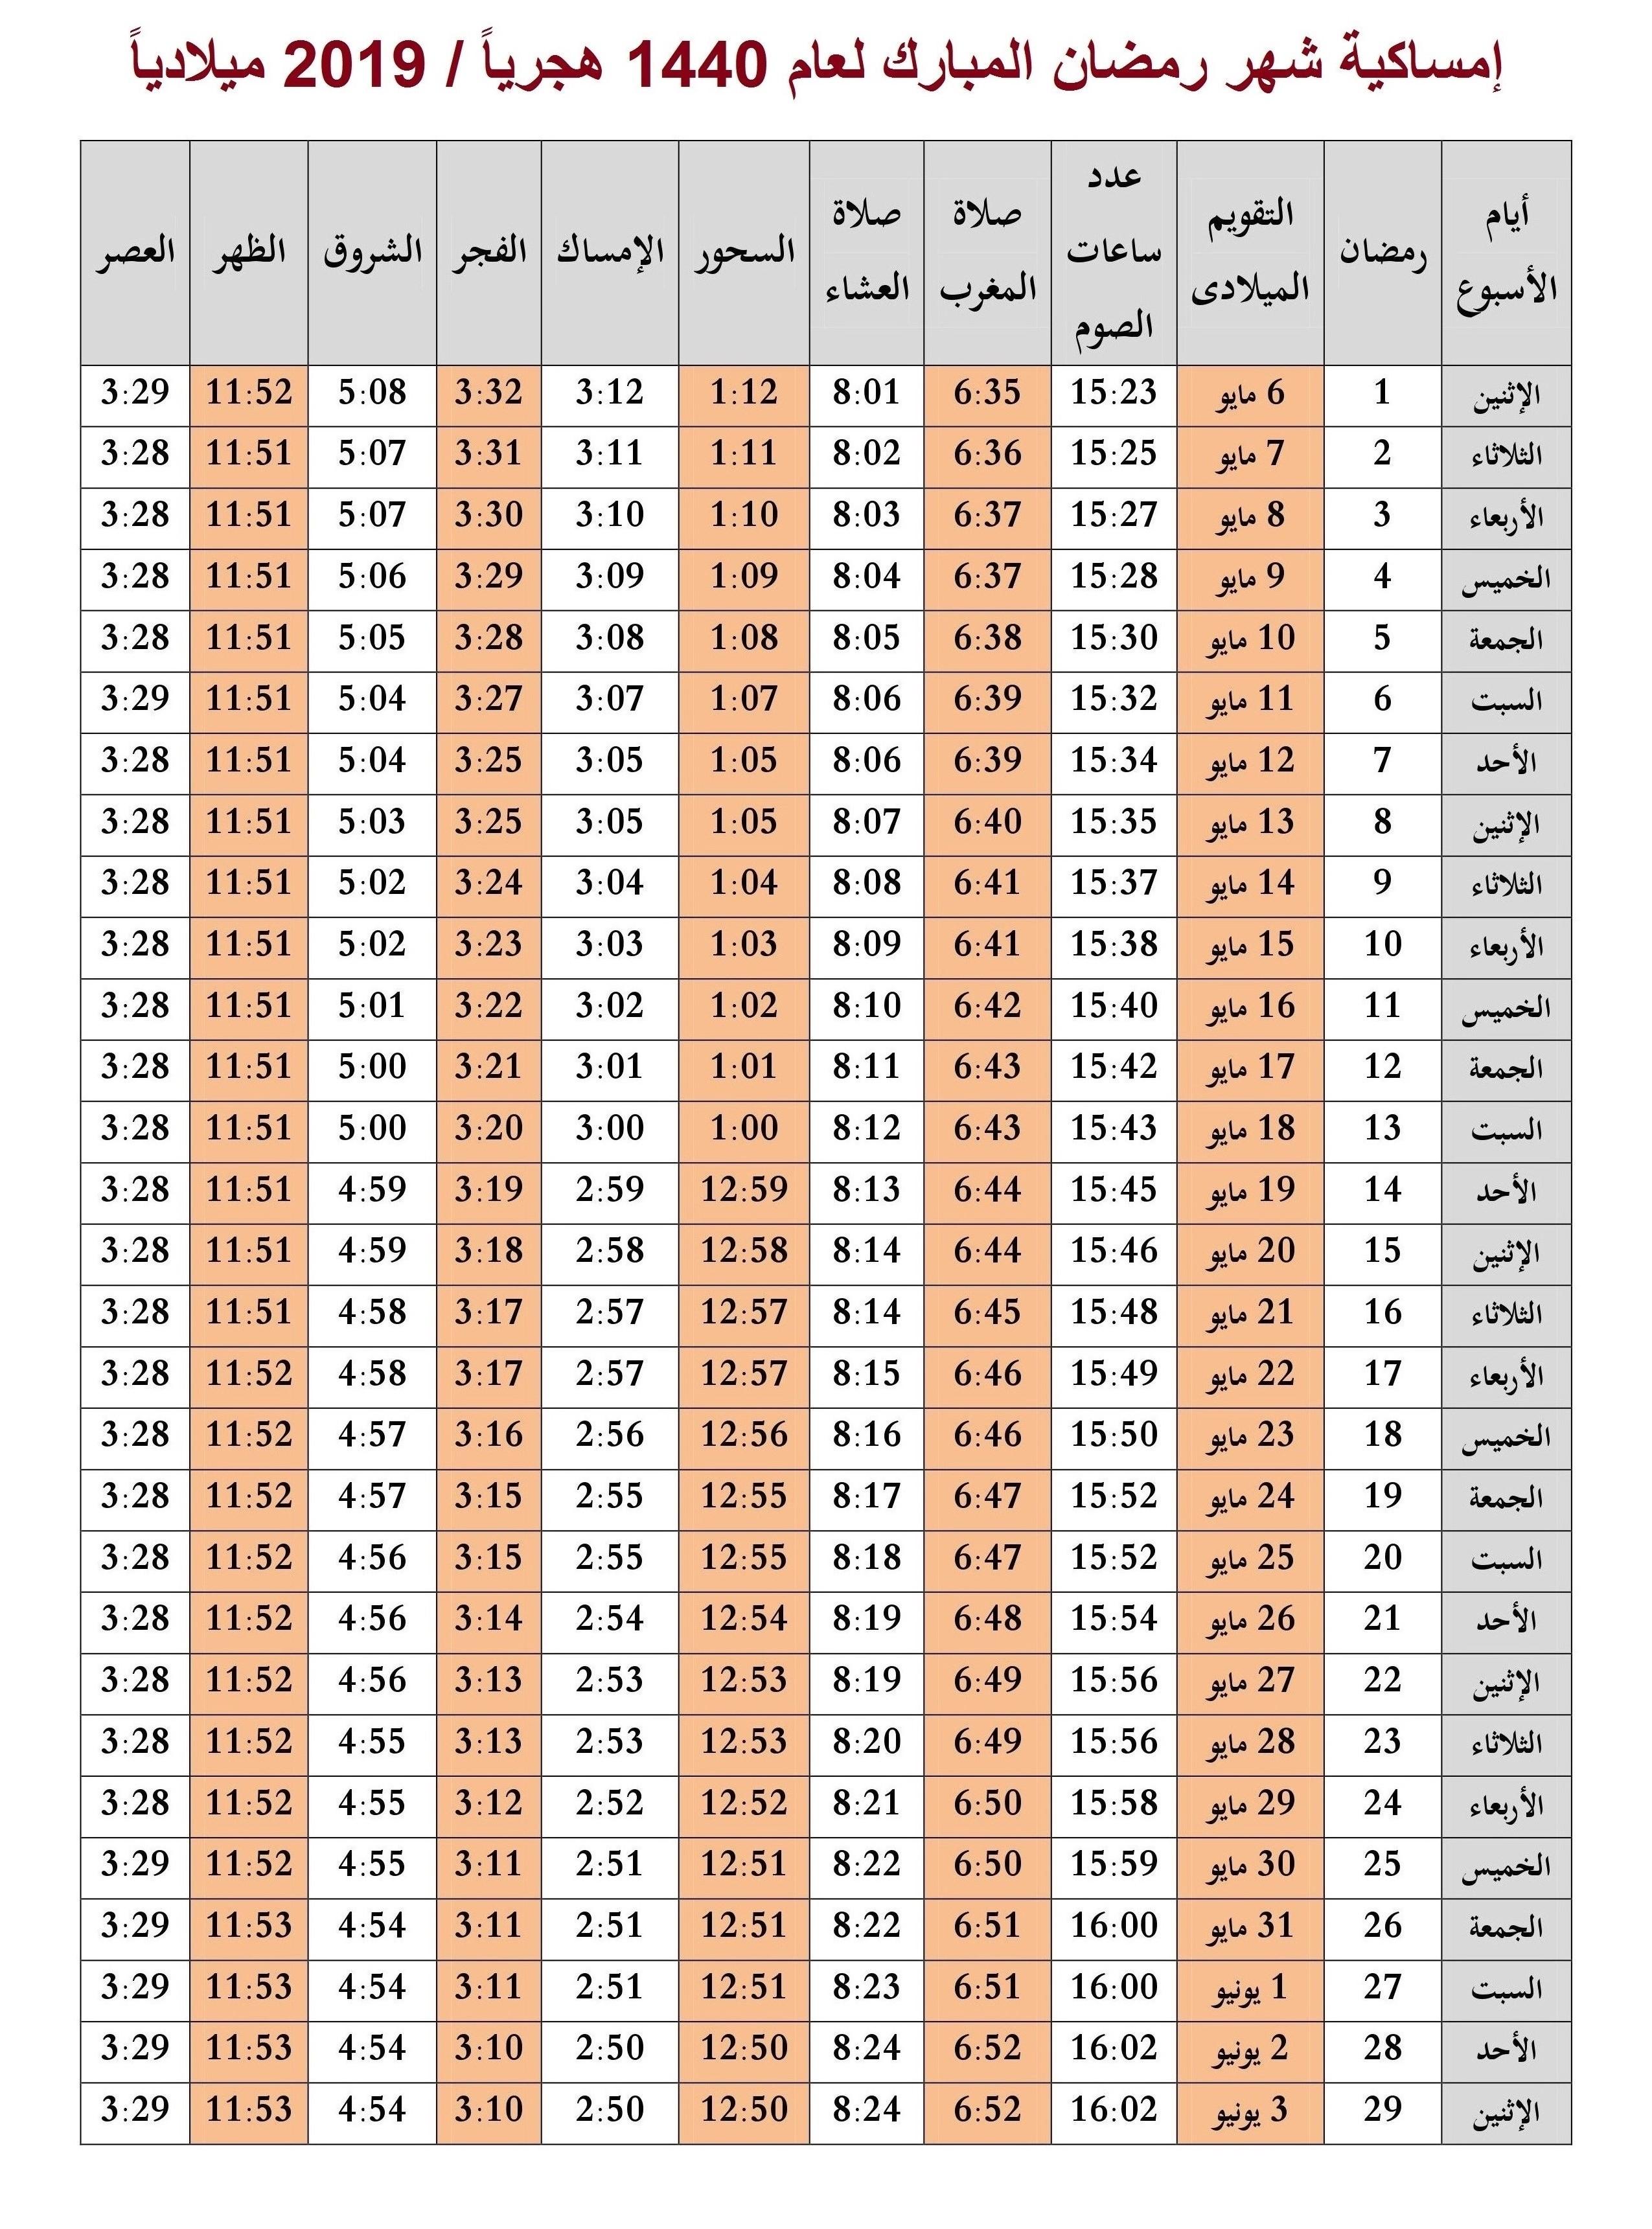 إمساكية شهر رمضان الكريم لسنة 1440 هجرياً - 2019 ميلادياً